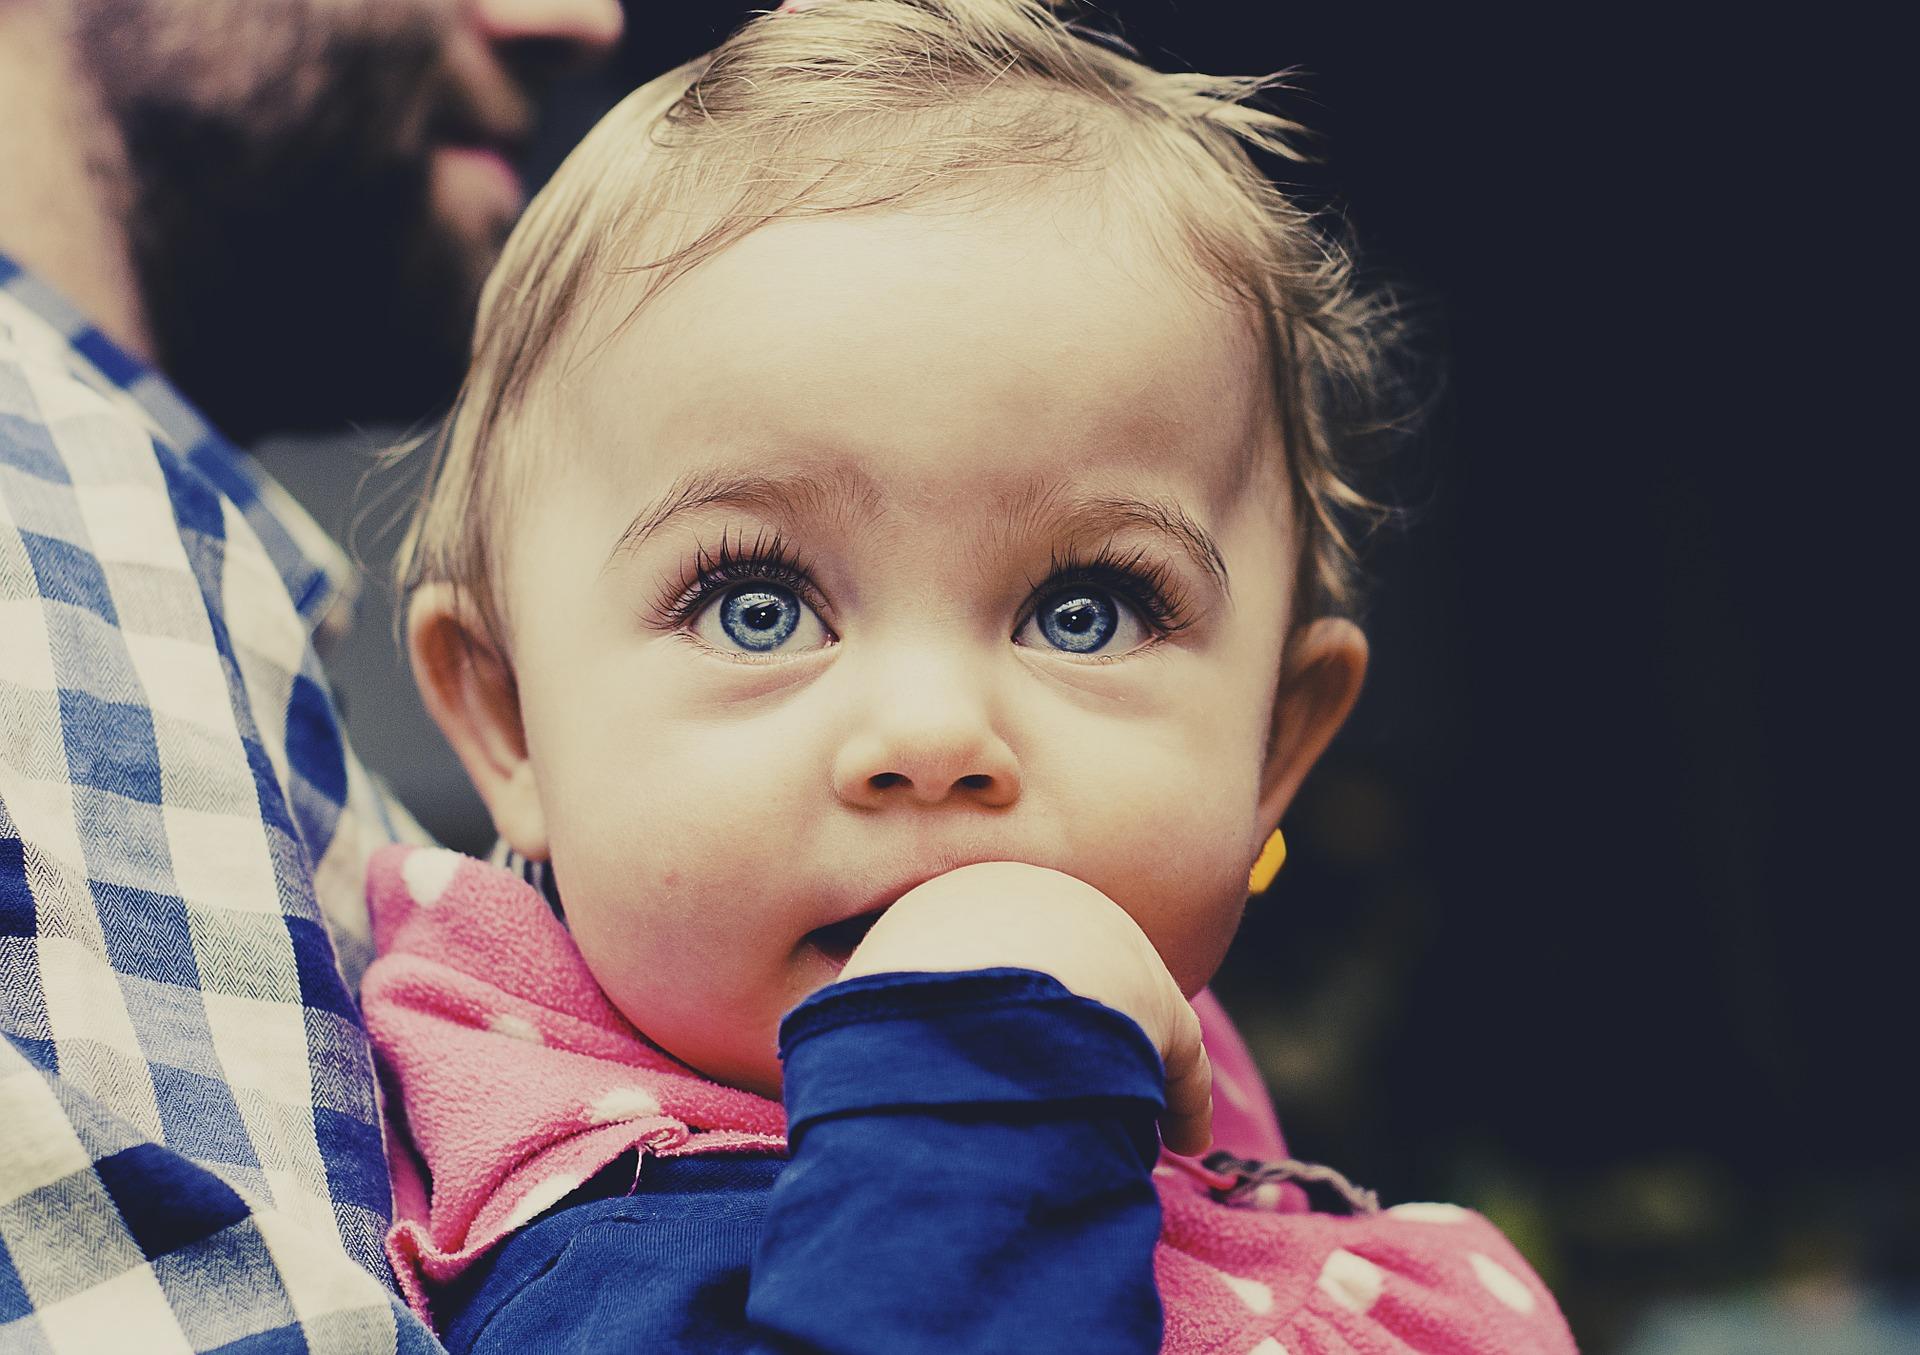 baby-933097_1920